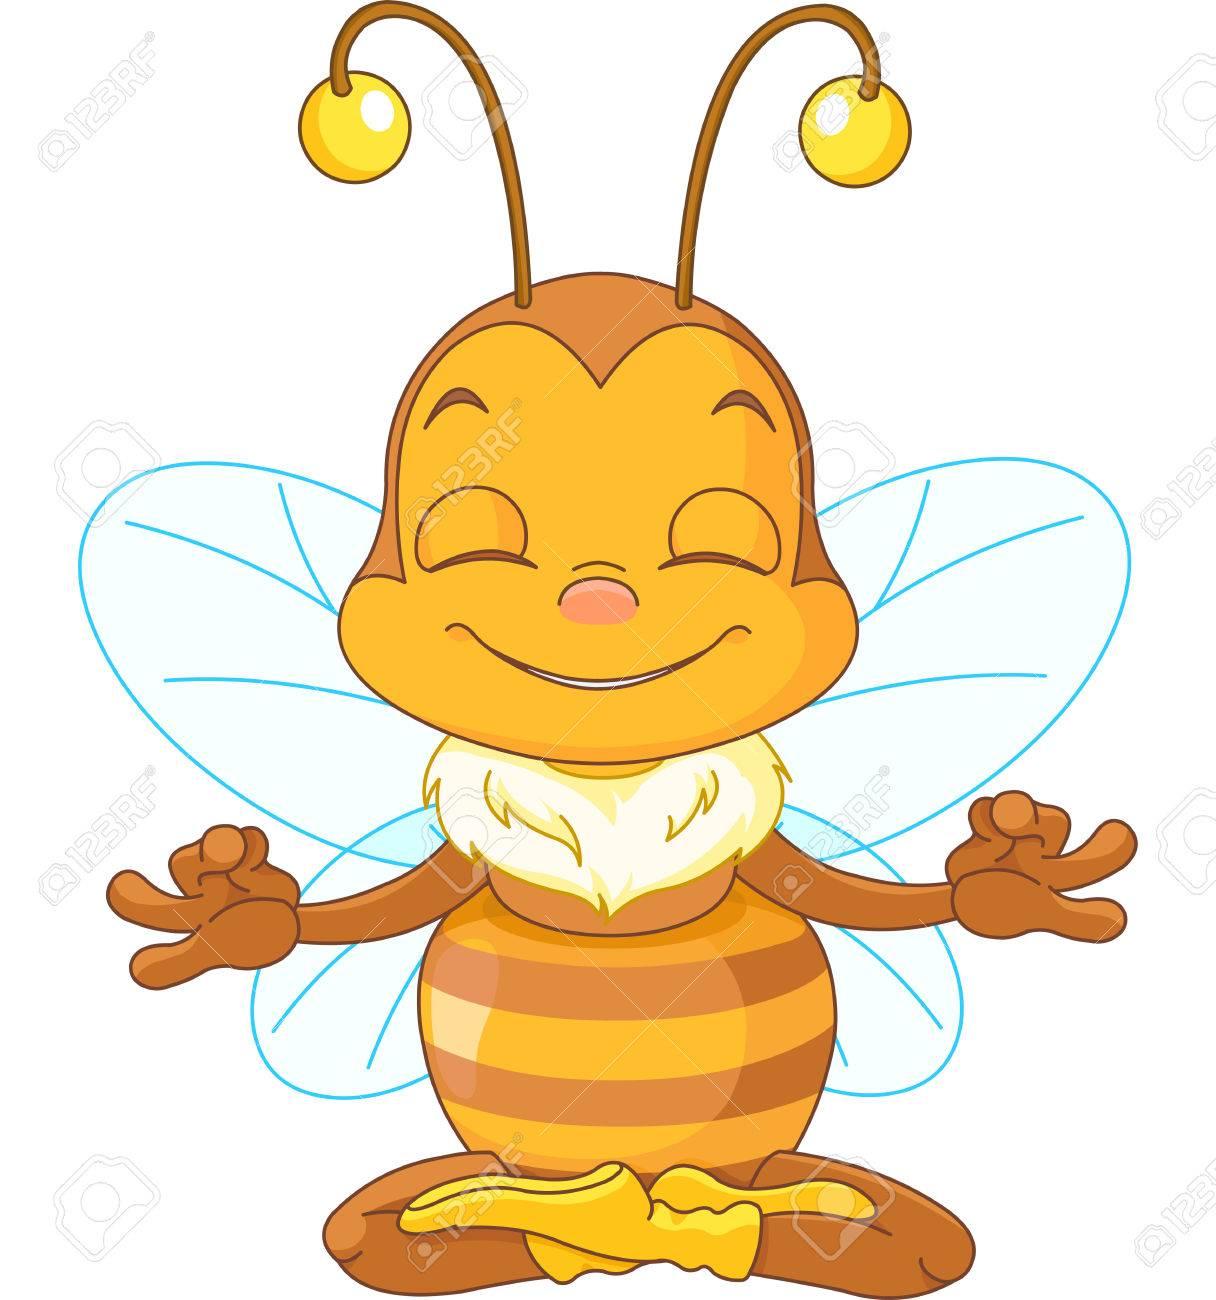 [Image: 29429795-Cute-bee-sitting-in-the-lotus-p...Vector.jpg]